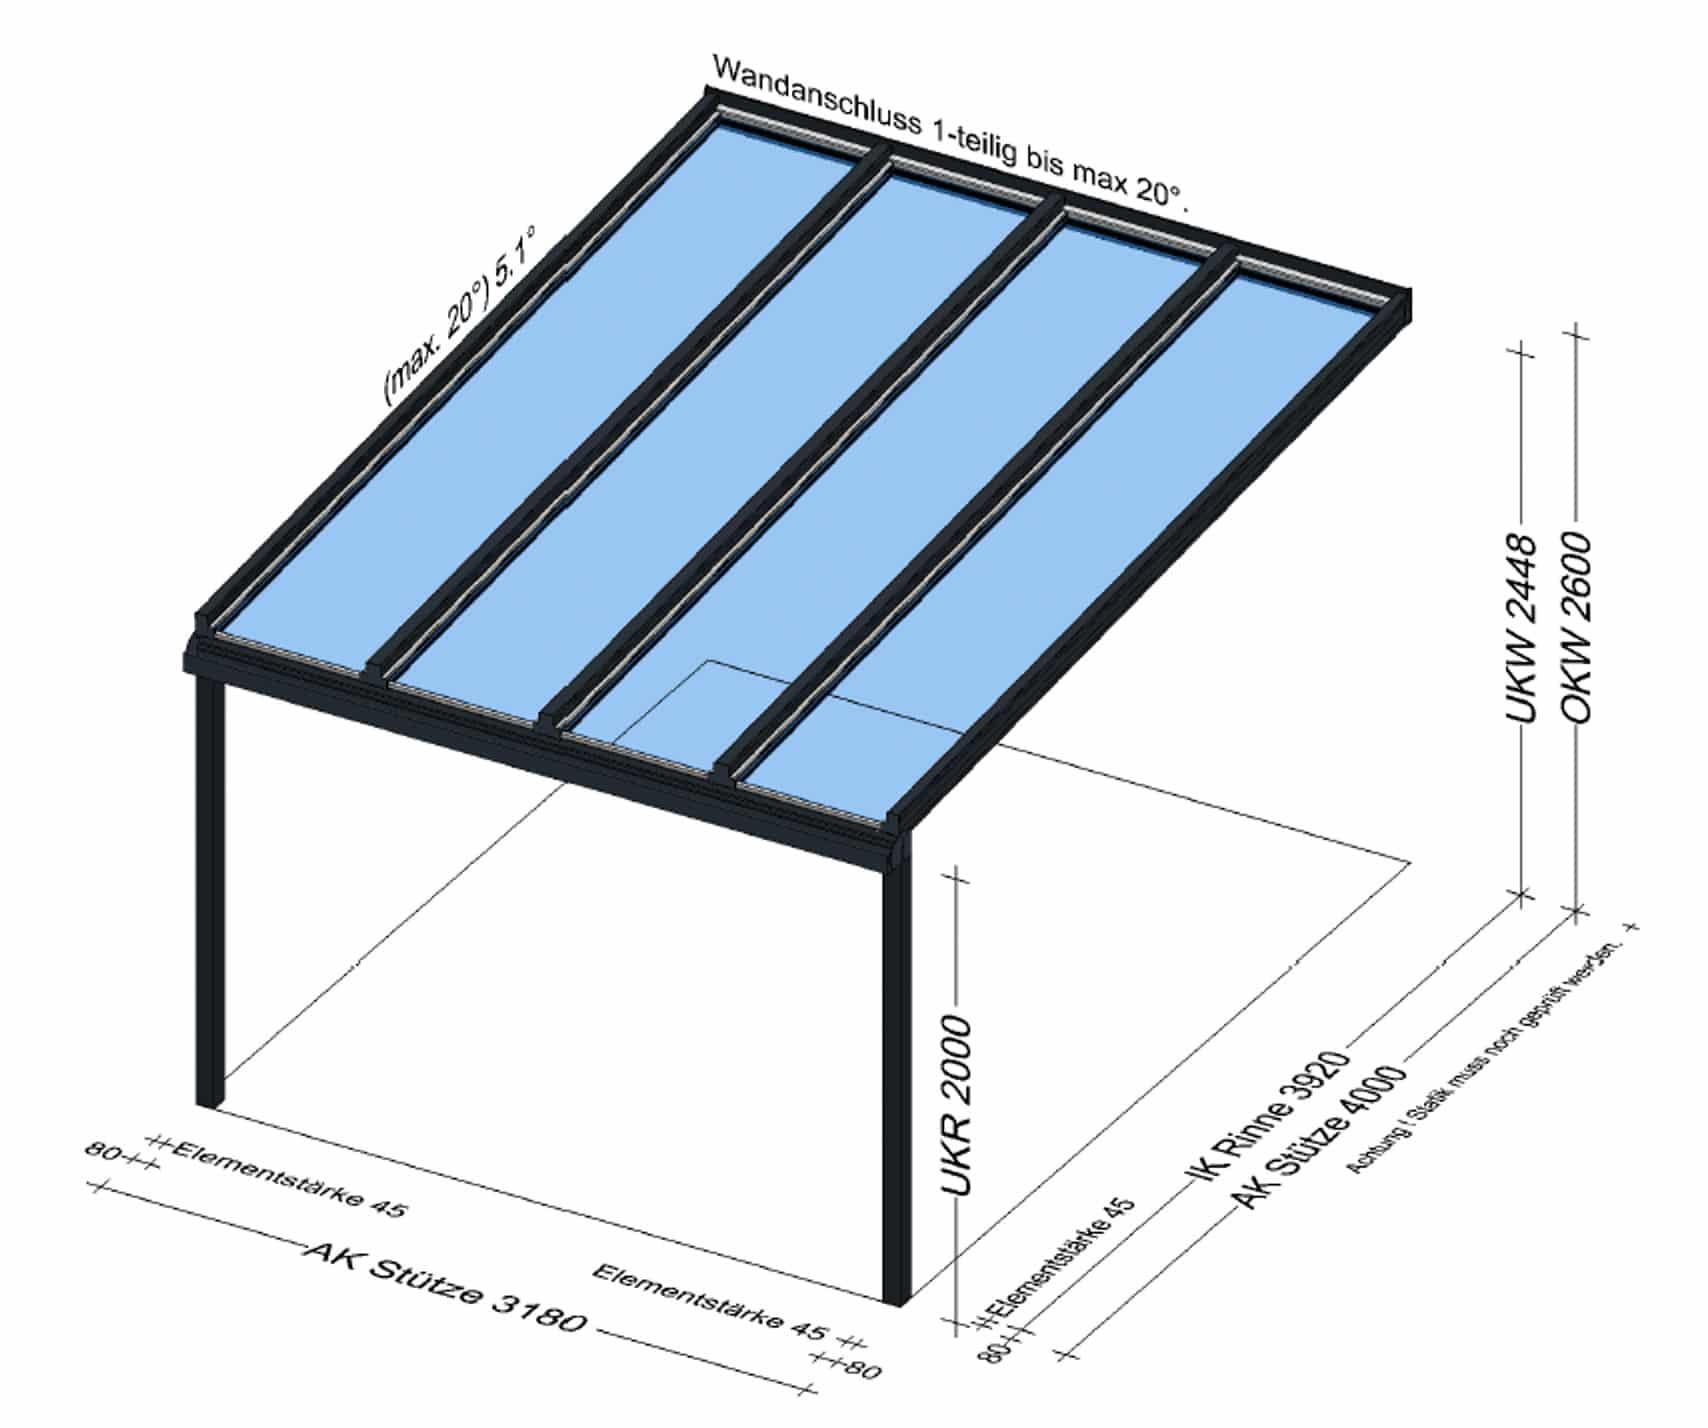 Terrassenüberdachung Alu Glas 4 Meter Tief